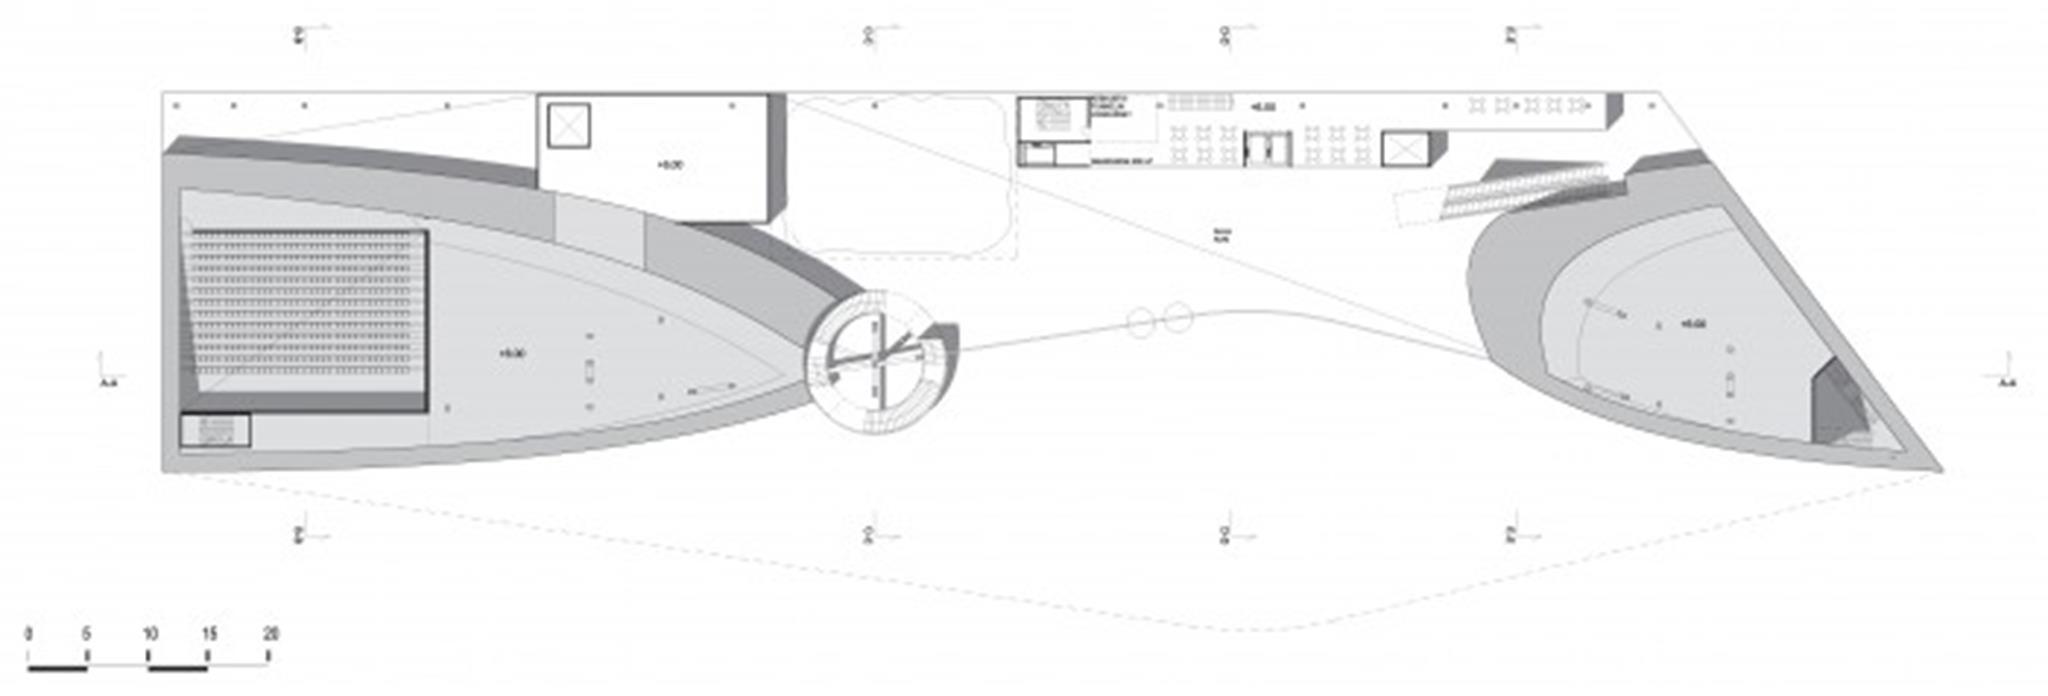 plan_-1-Copy.jpg